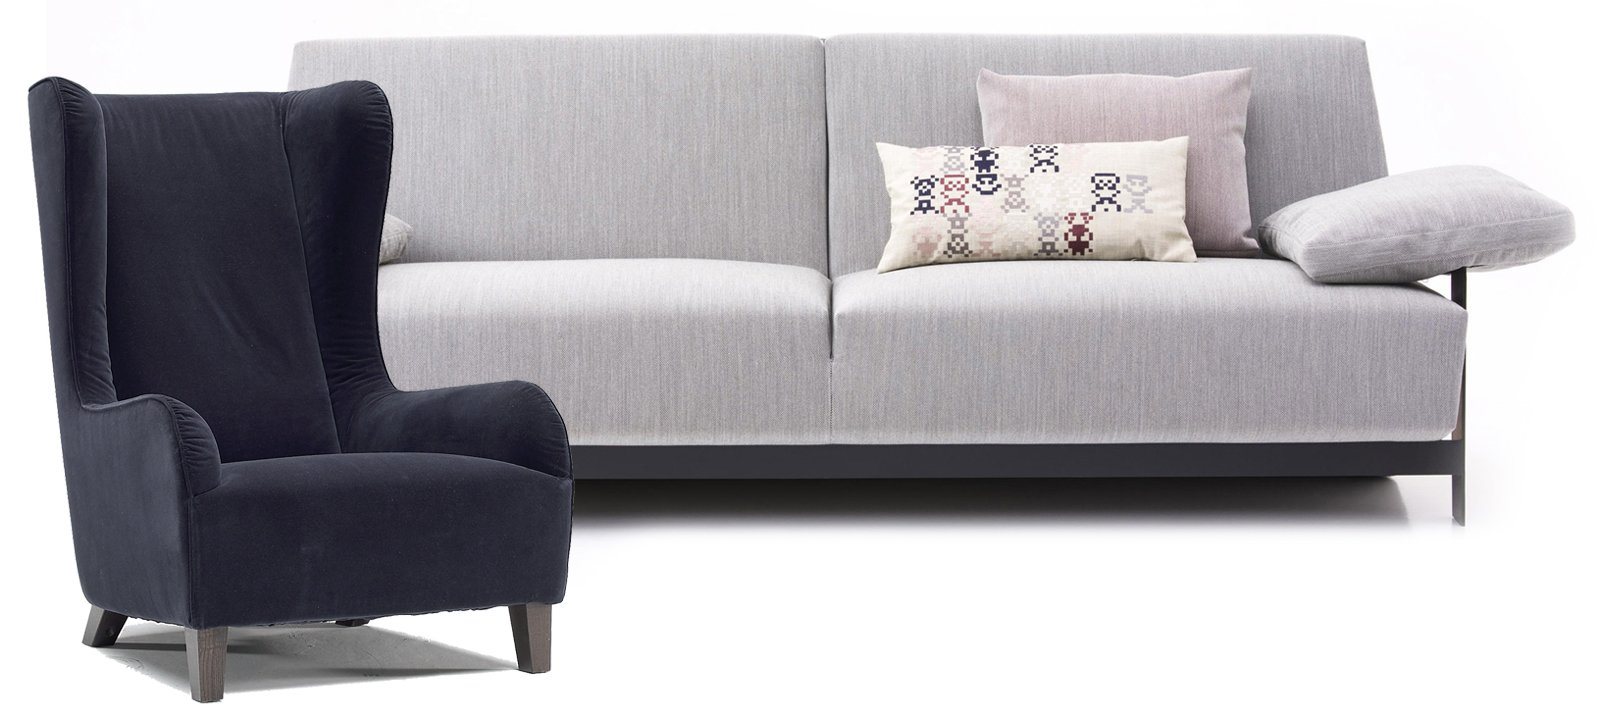 Poltrona e divano idee per abbinarli cose di casa for Poltrone moroso prezzi